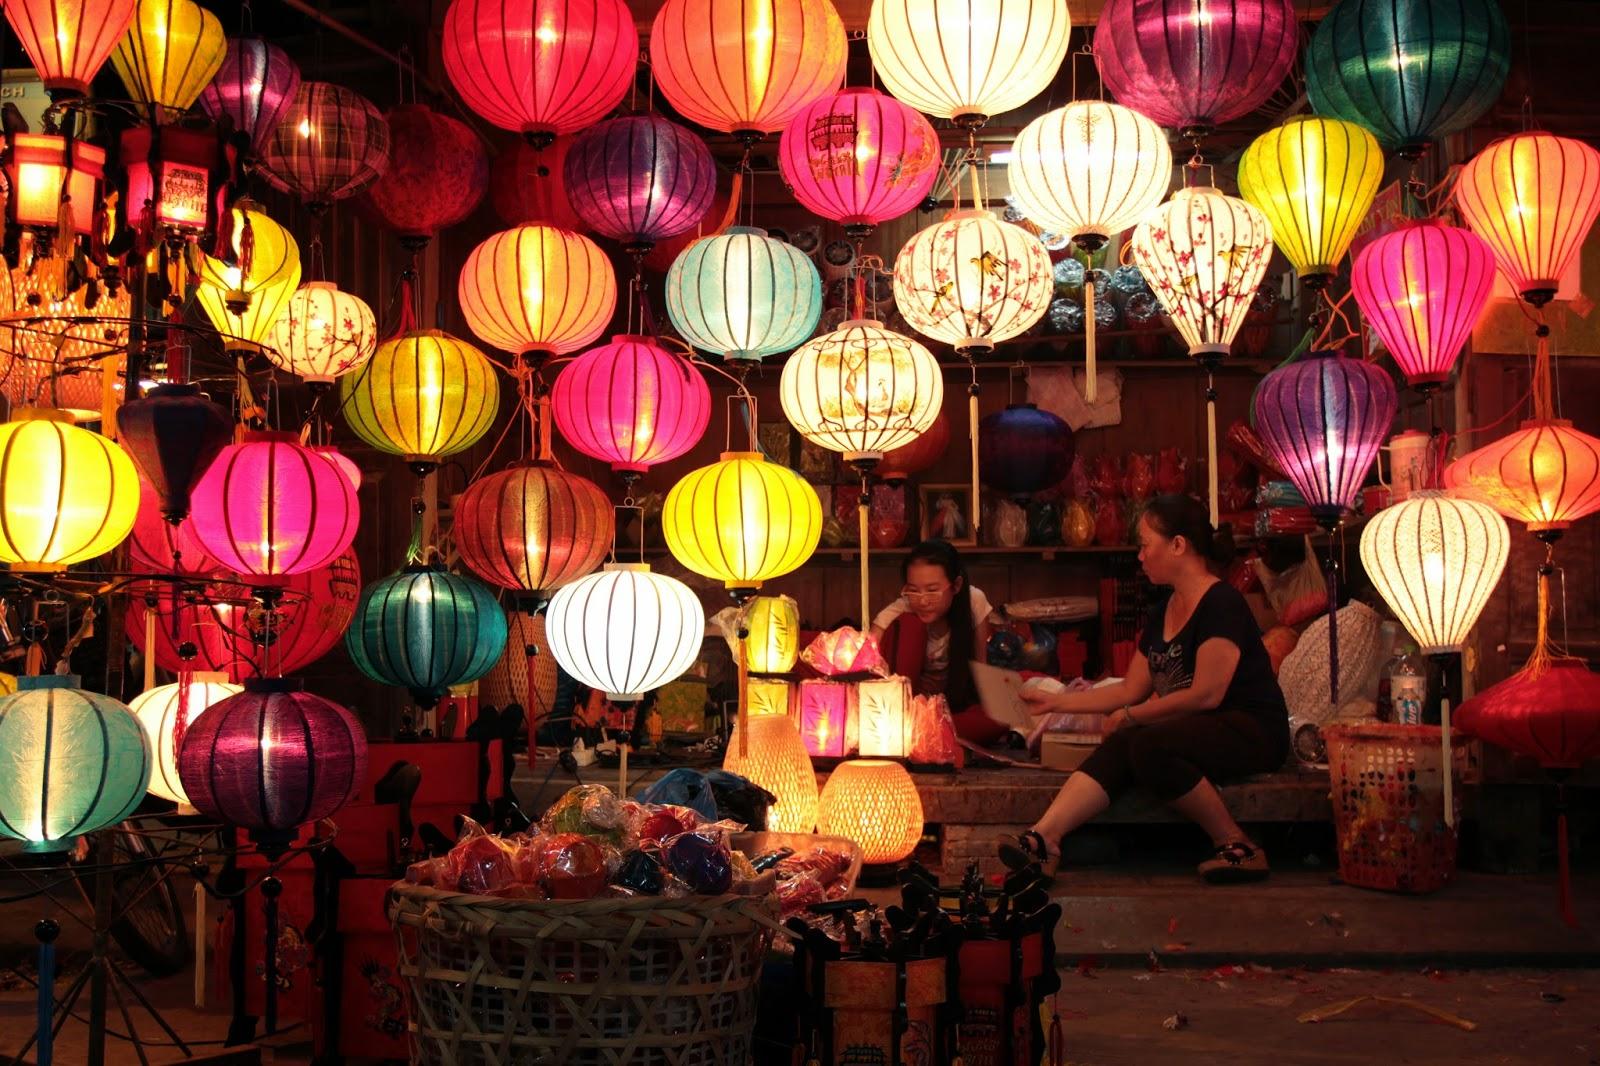 Kết quả hình ảnh cho chợ phố cổ hội an